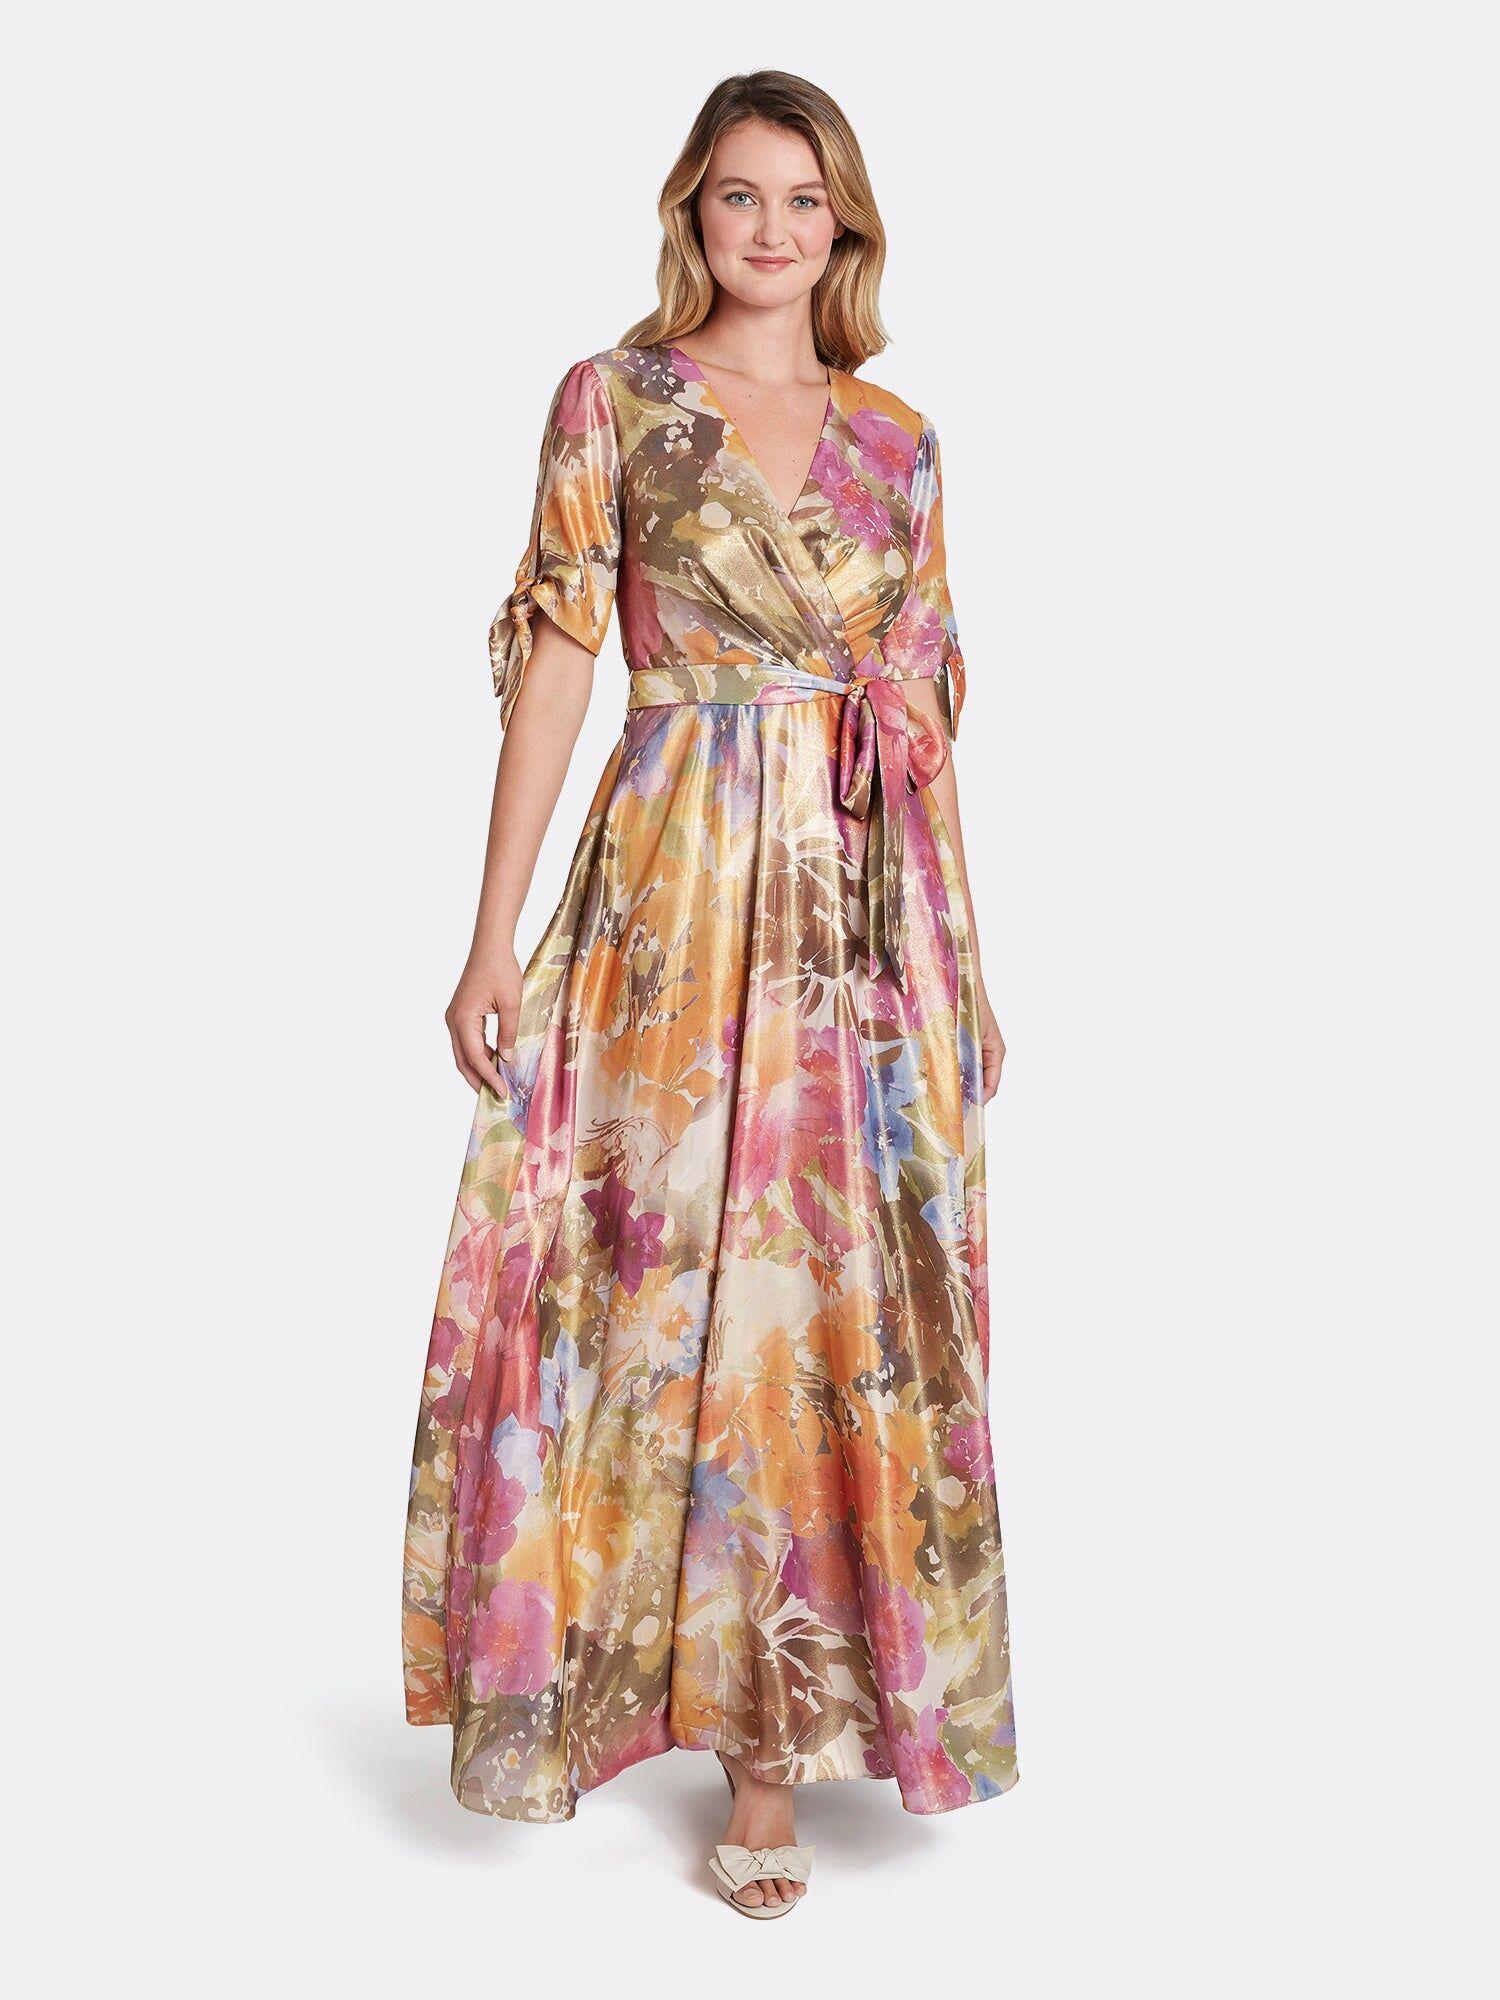 Tahari ASL Floral Tie-Sleeve Gown Wild Aster Garden Size: 12 Georgette